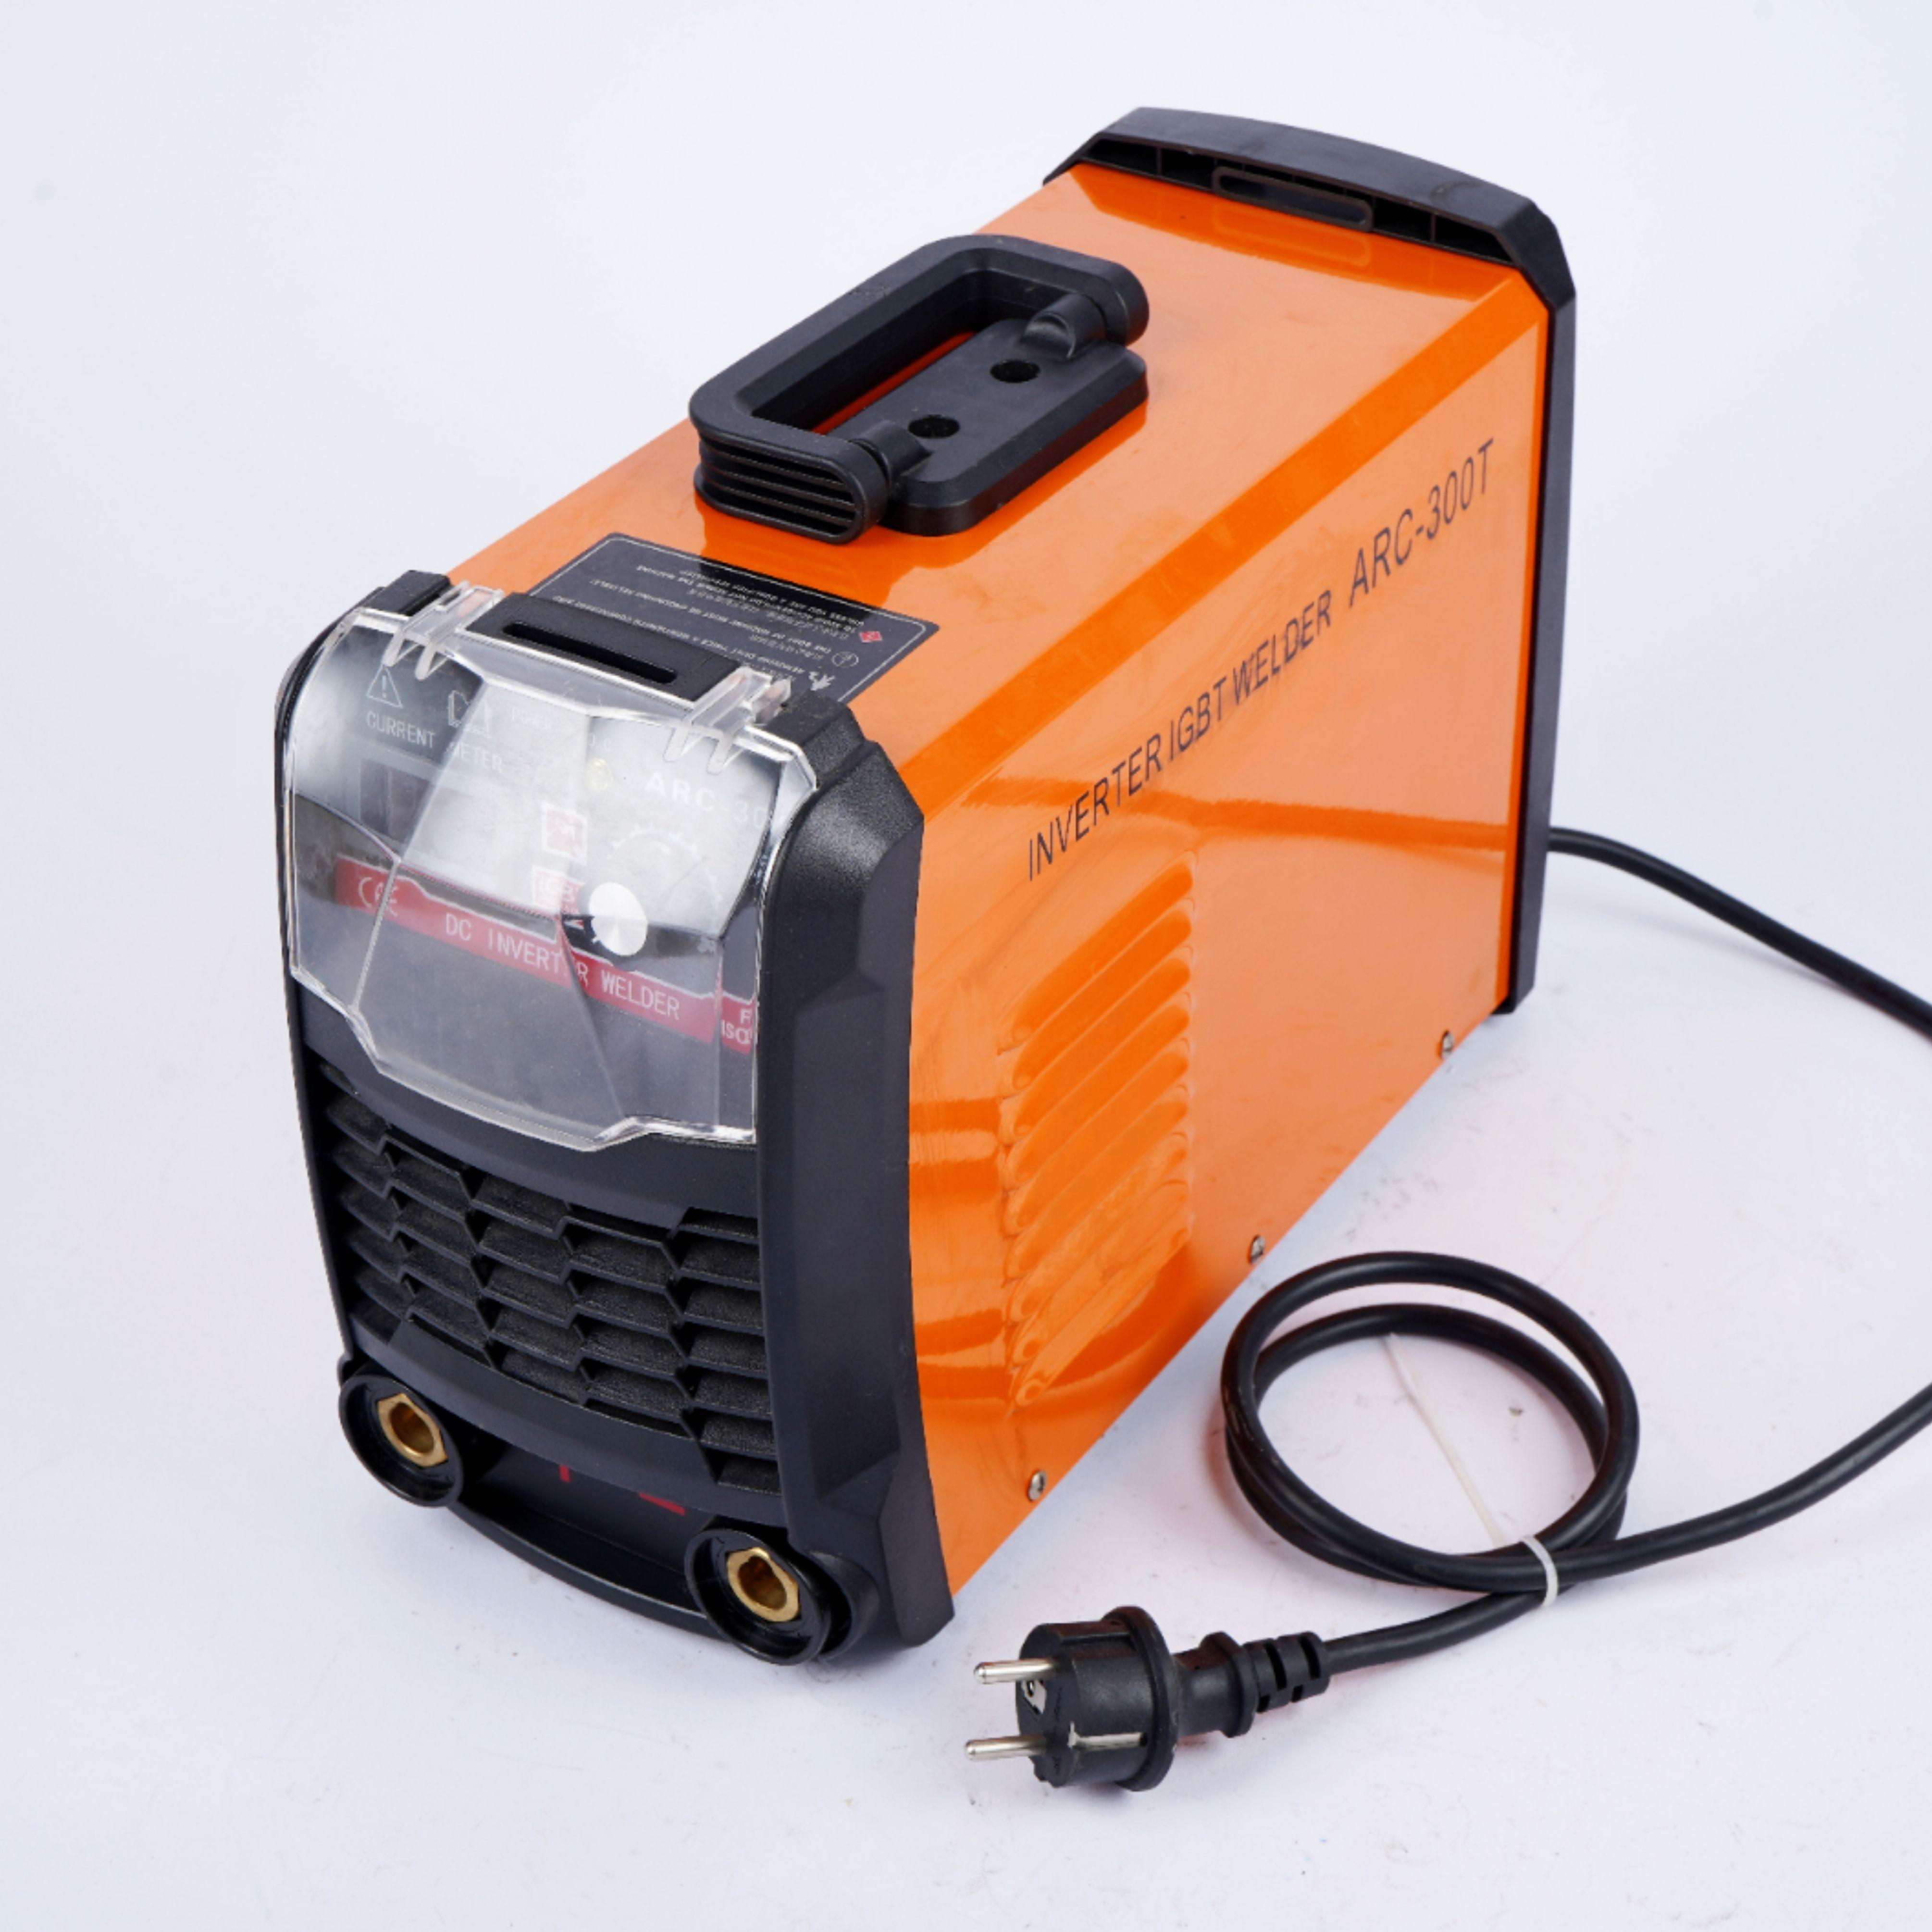 手工电弧焊机(ARC-300)